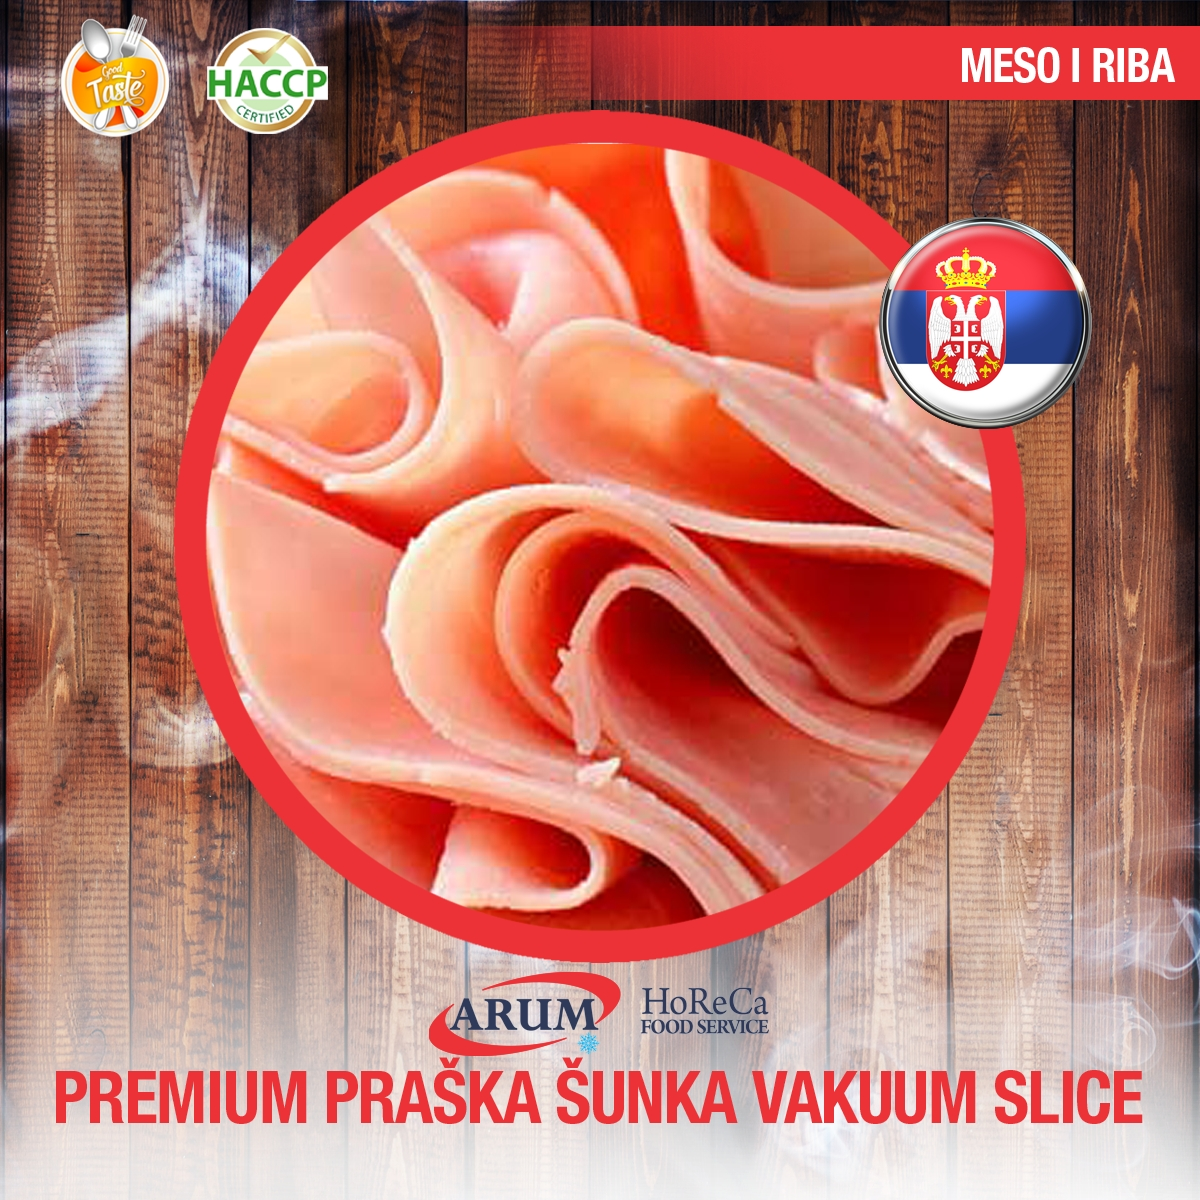 Premium praska sunka vakum slice